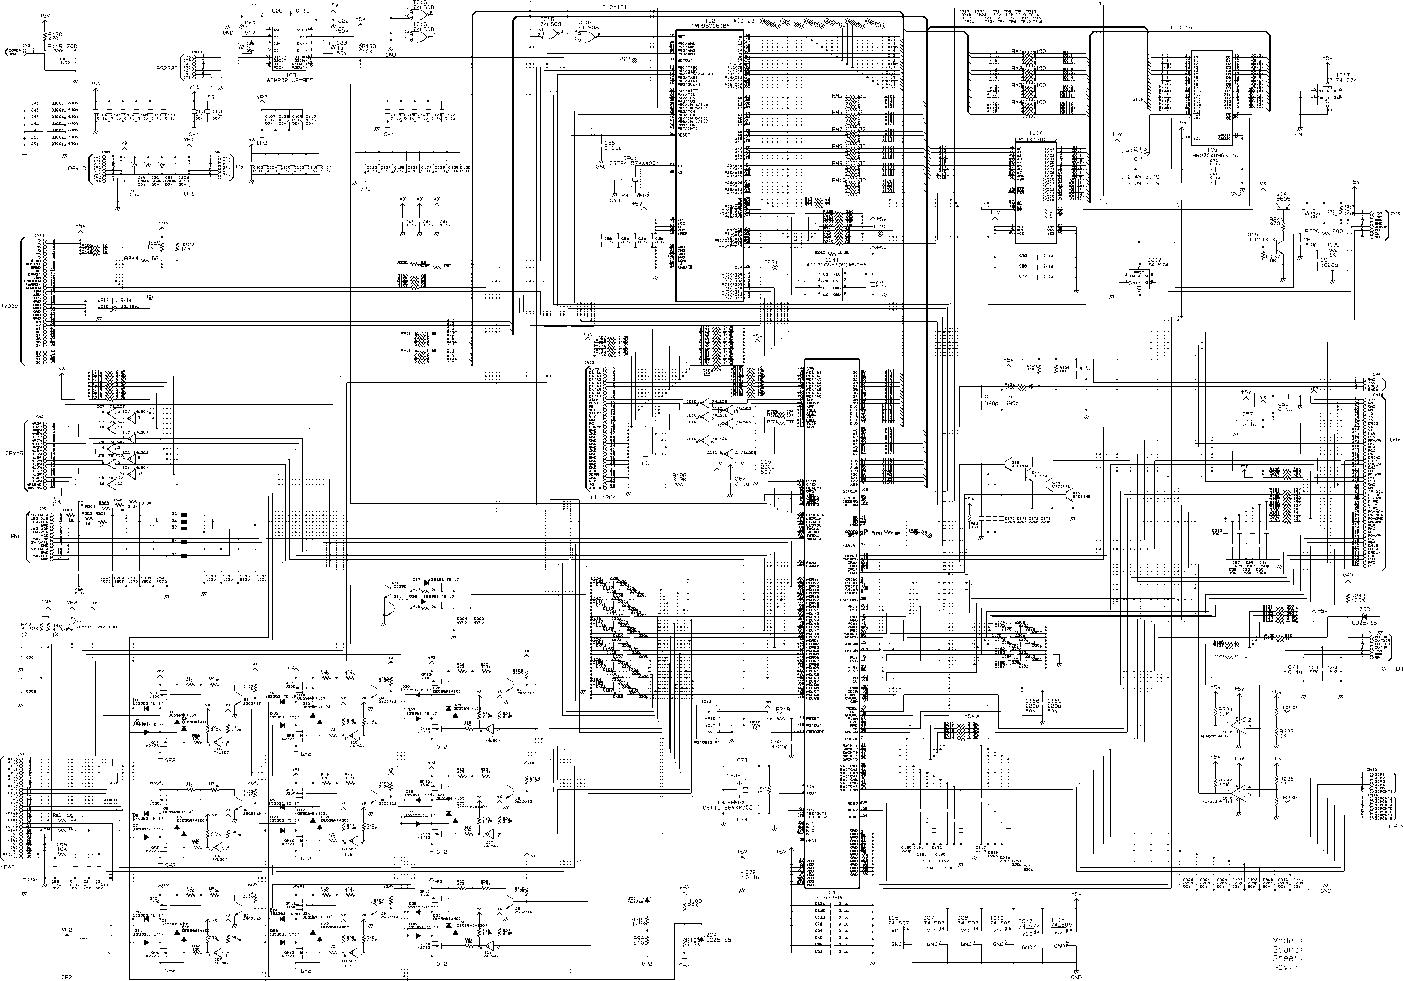 Schema Mainboard Epson Lq